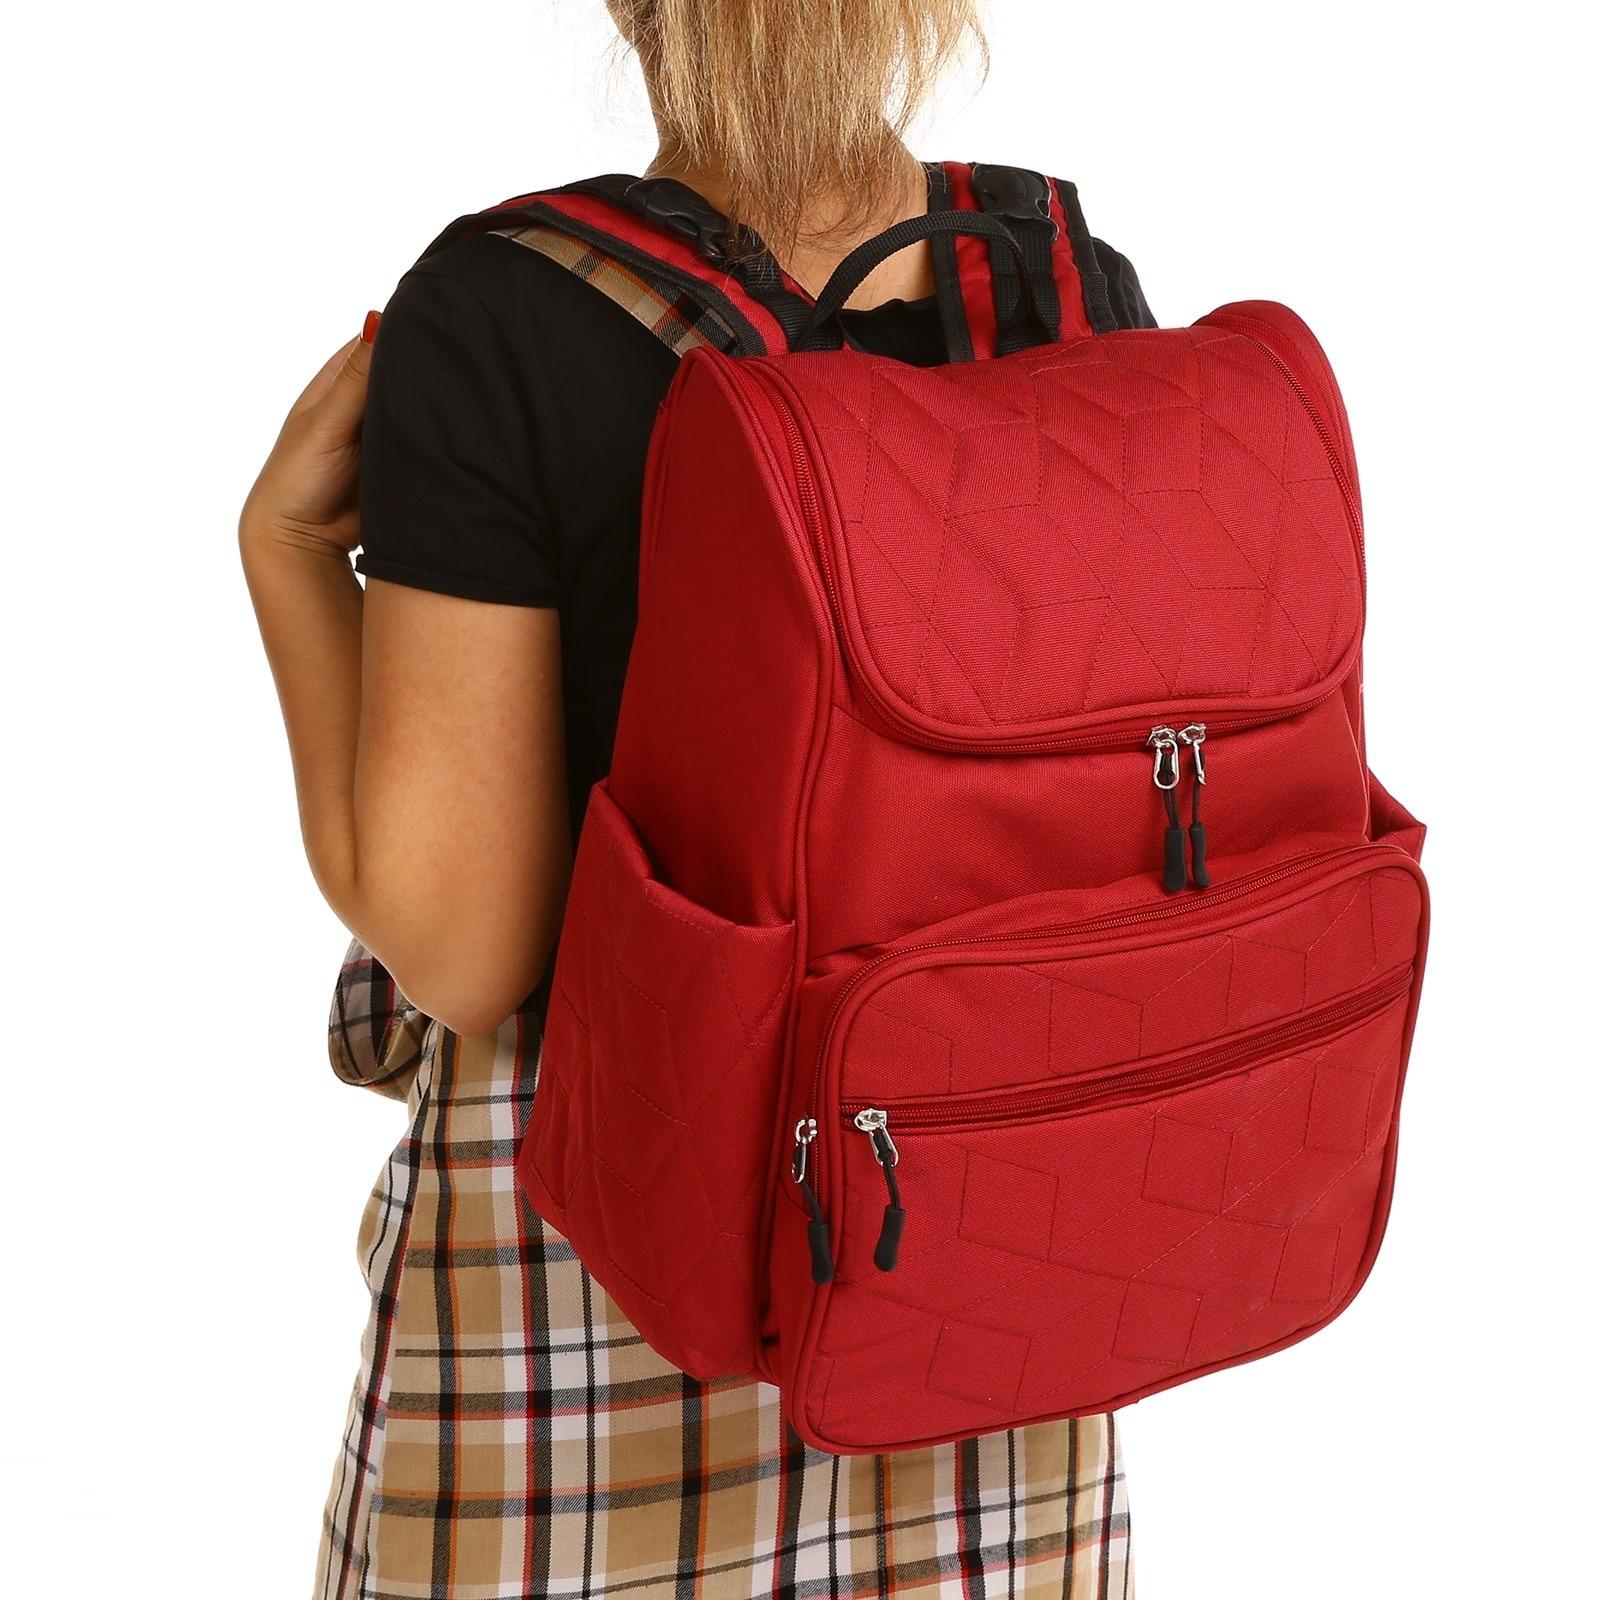 Ebebek Babymom Baby&Mom Multipurpose Quilted Backpack Bag